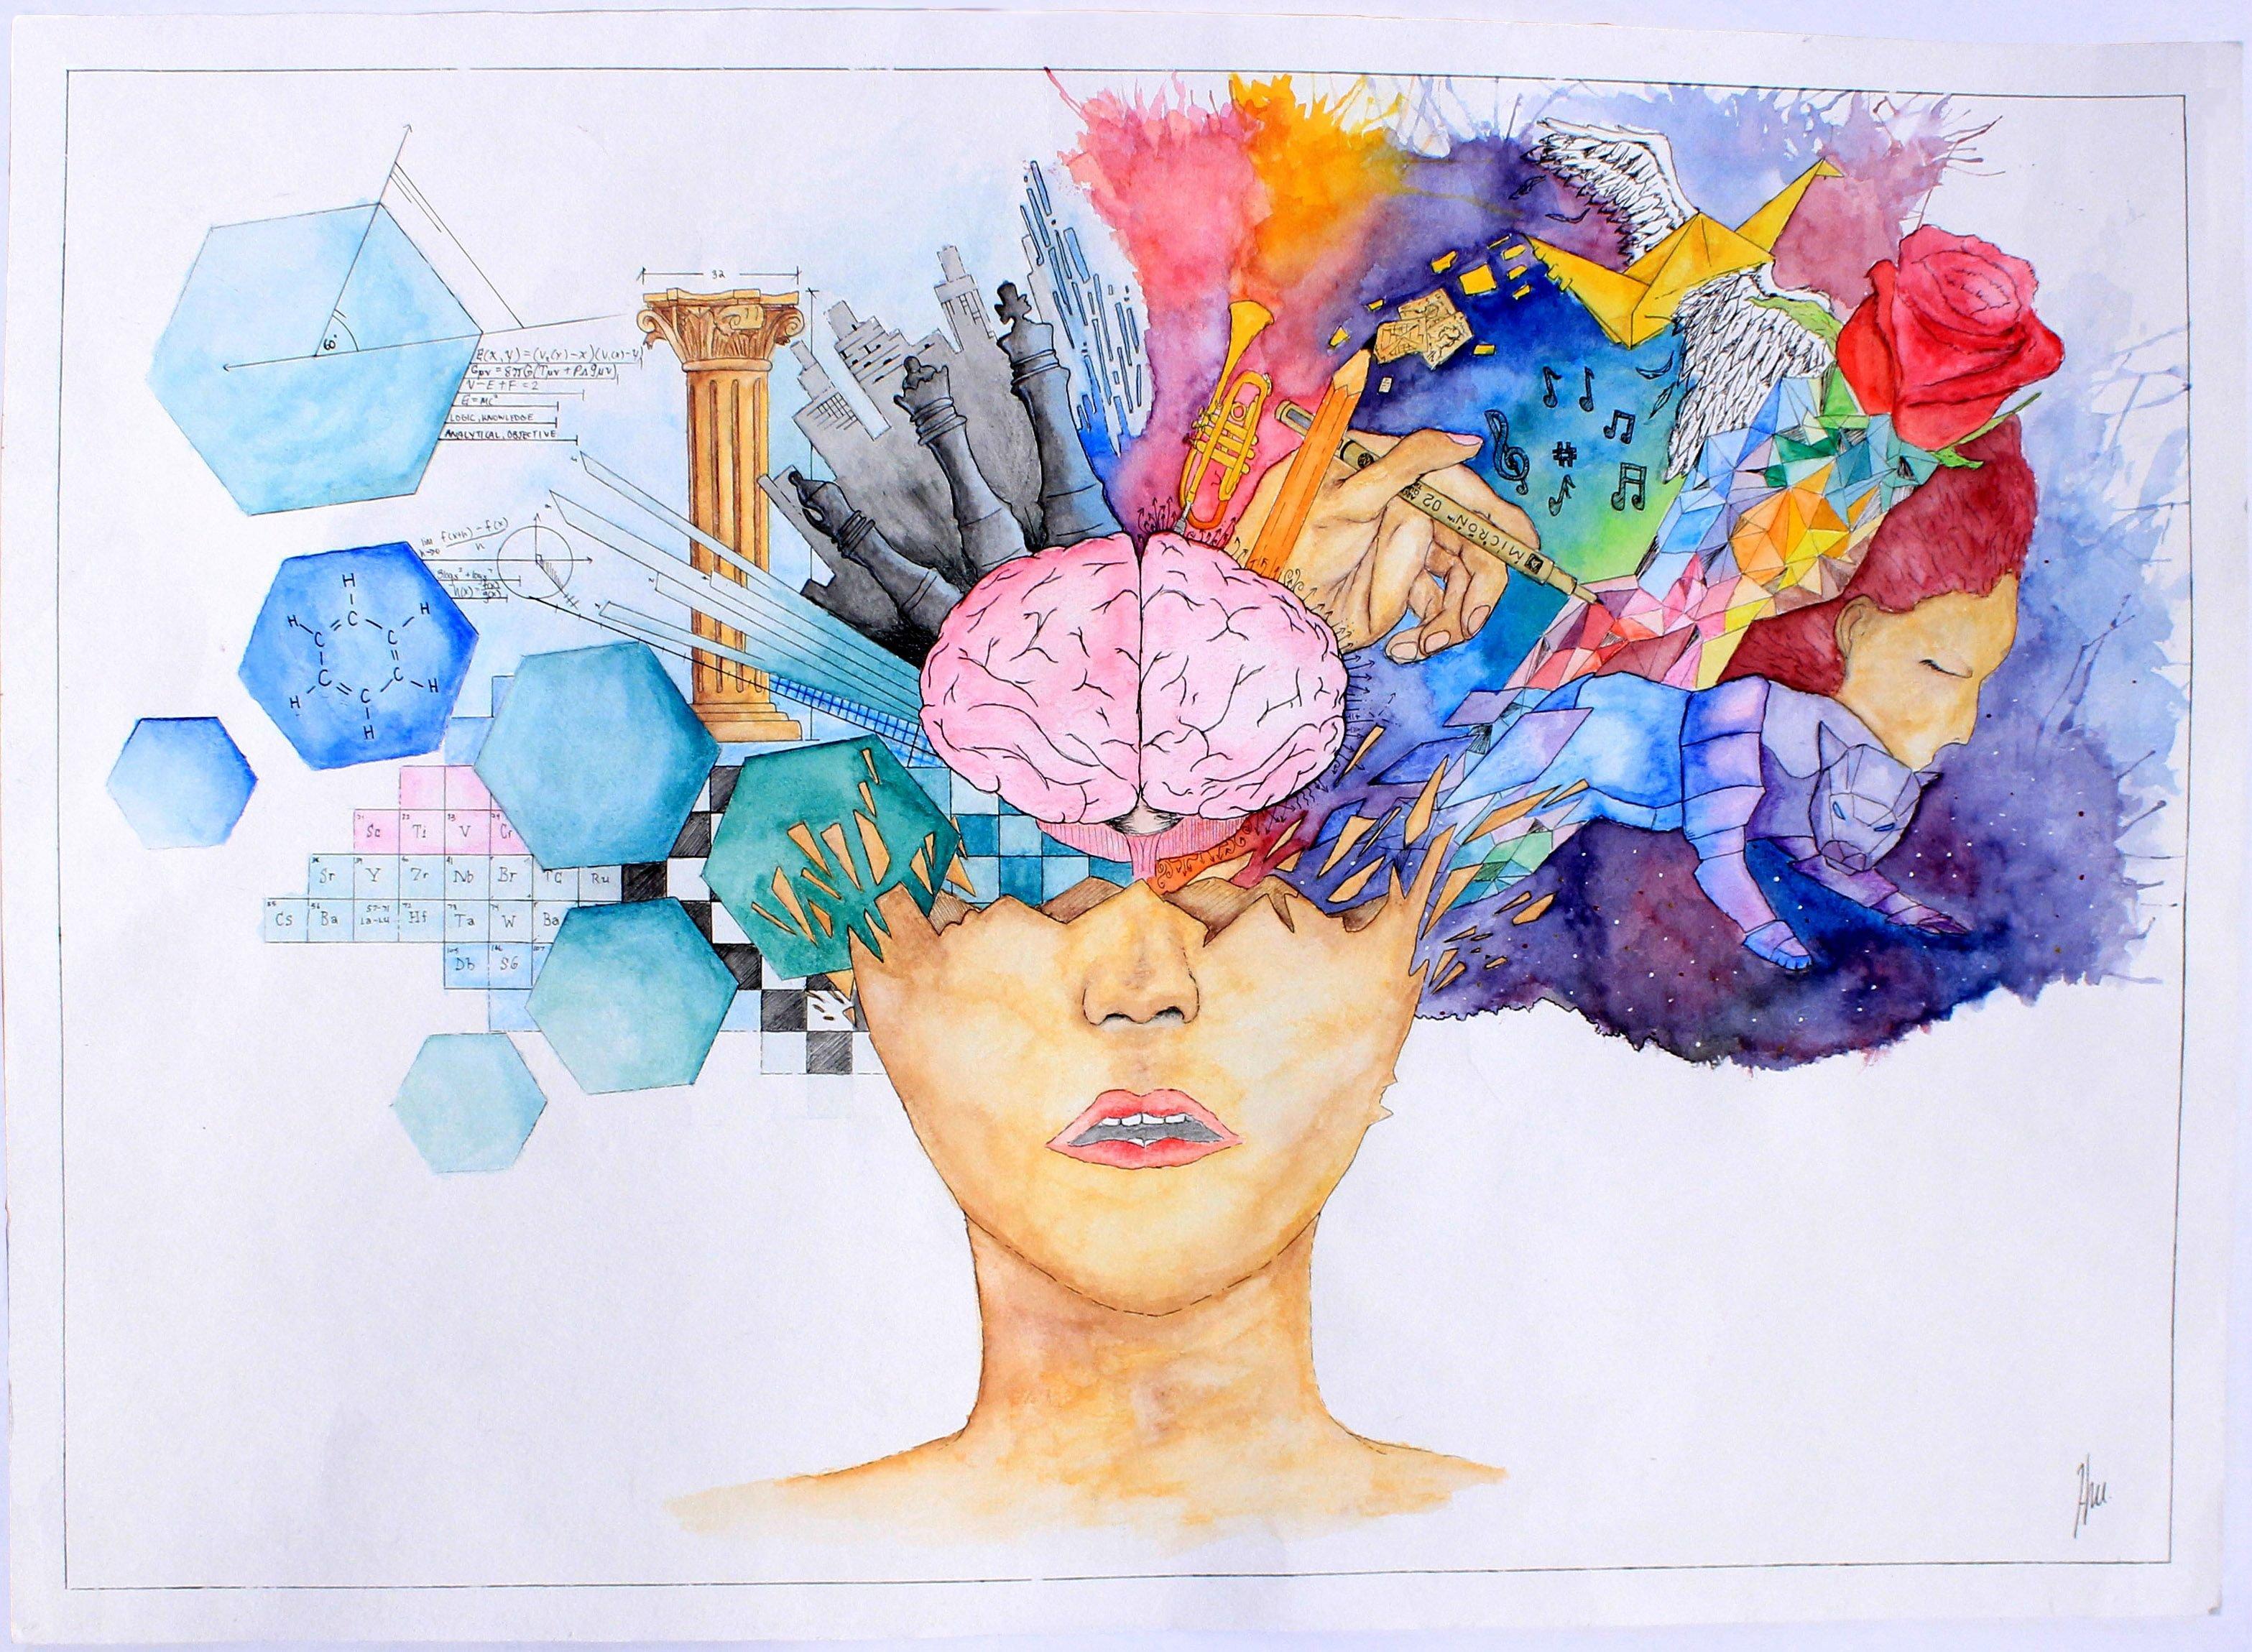 Brain anatomy by hackamore on DeviantArt